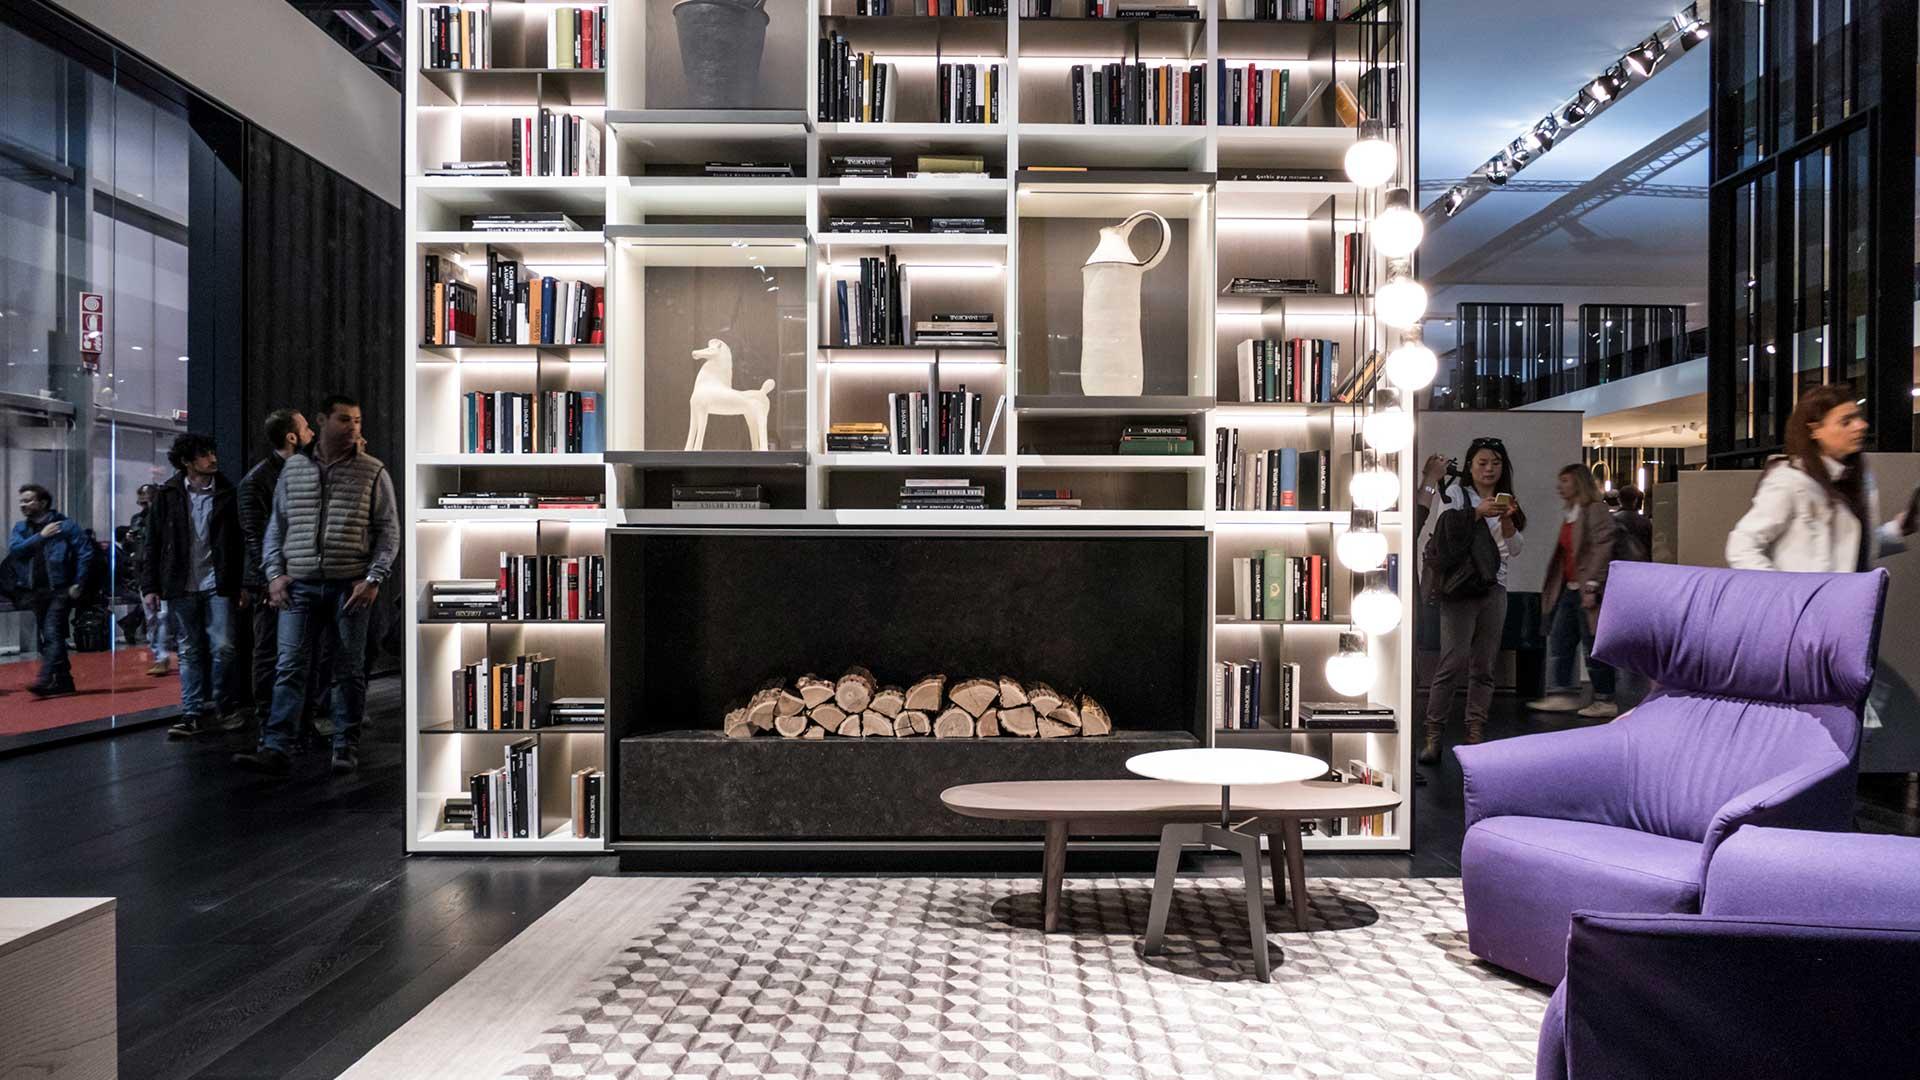 Design e arredamento tutti i modi dell 39 abitare al salone del mobile - Fiera del mobile bologna ...